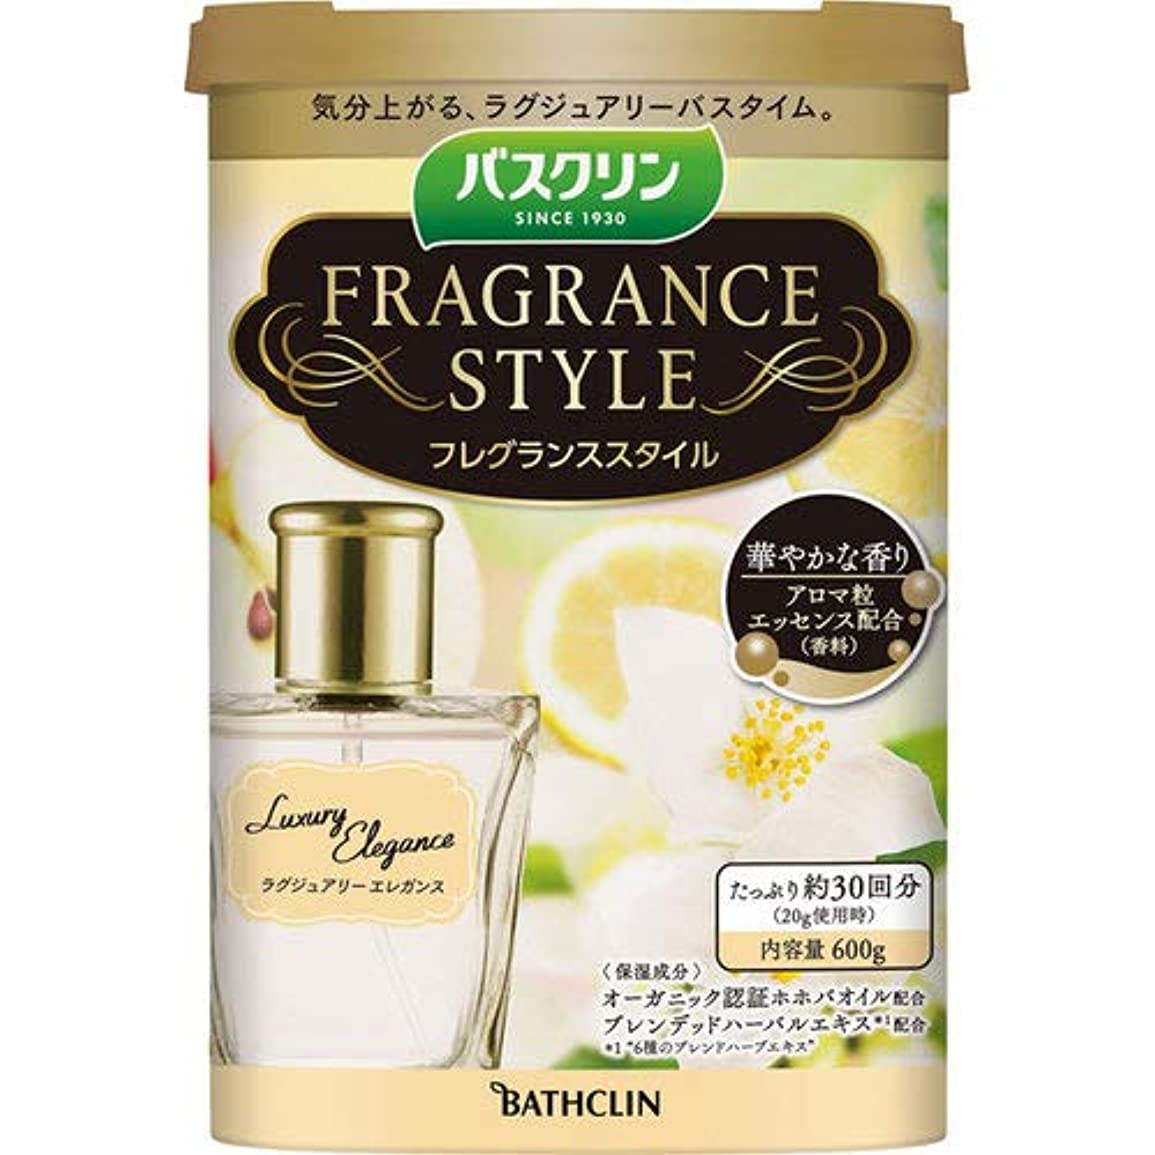 魂するだろう歯車バスクリンフレグランススタイルラグジュアリー エレガンス 入浴剤 フローラルムスク調の香りの入浴剤 600g